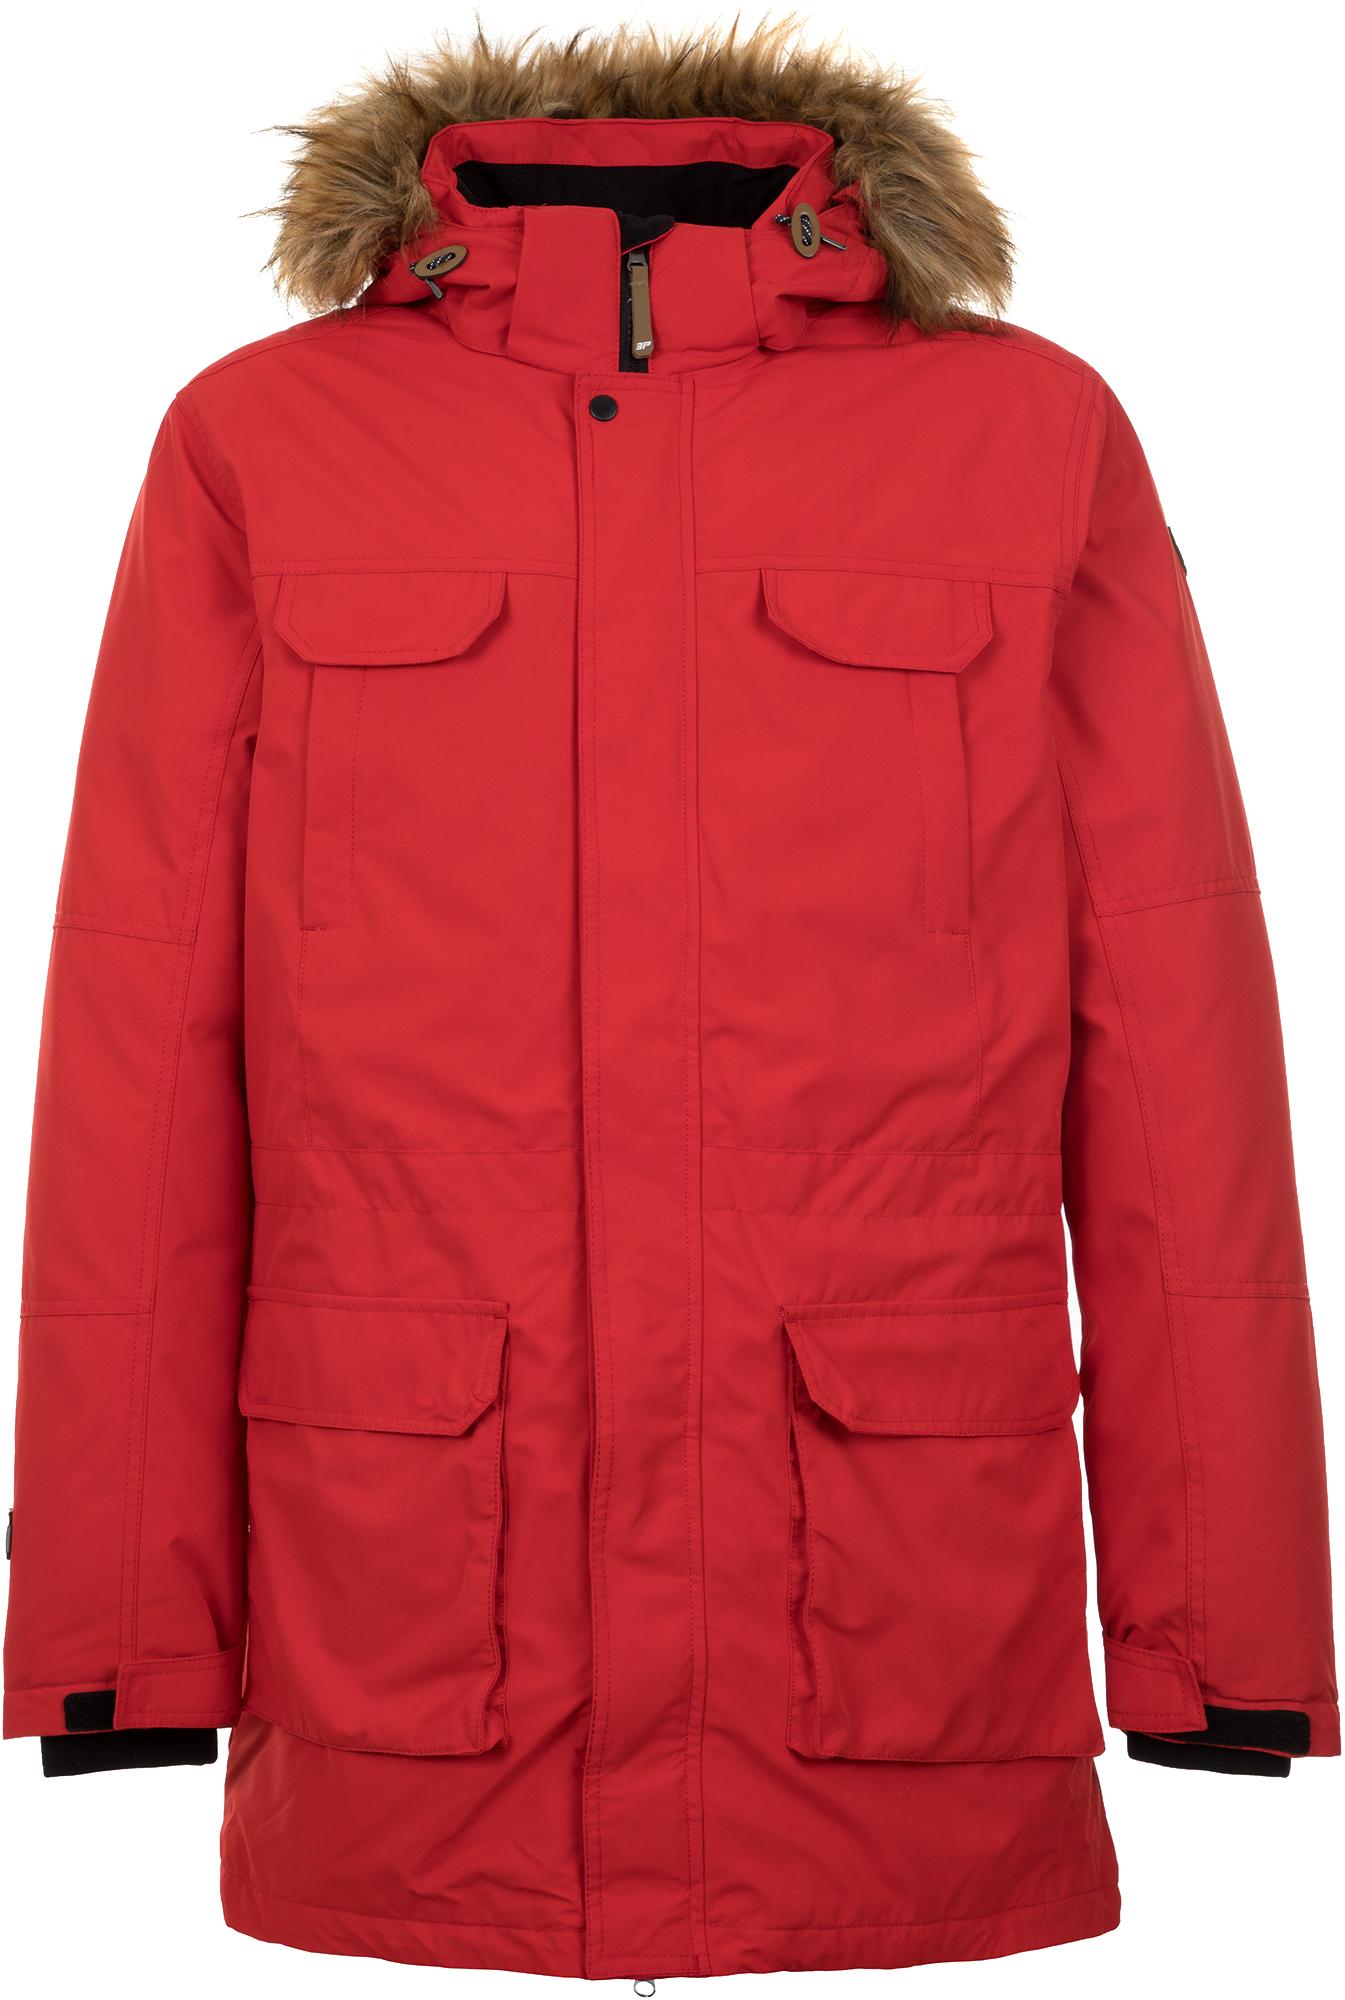 IcePeak Куртка пуховая мужская Veston, размер 52